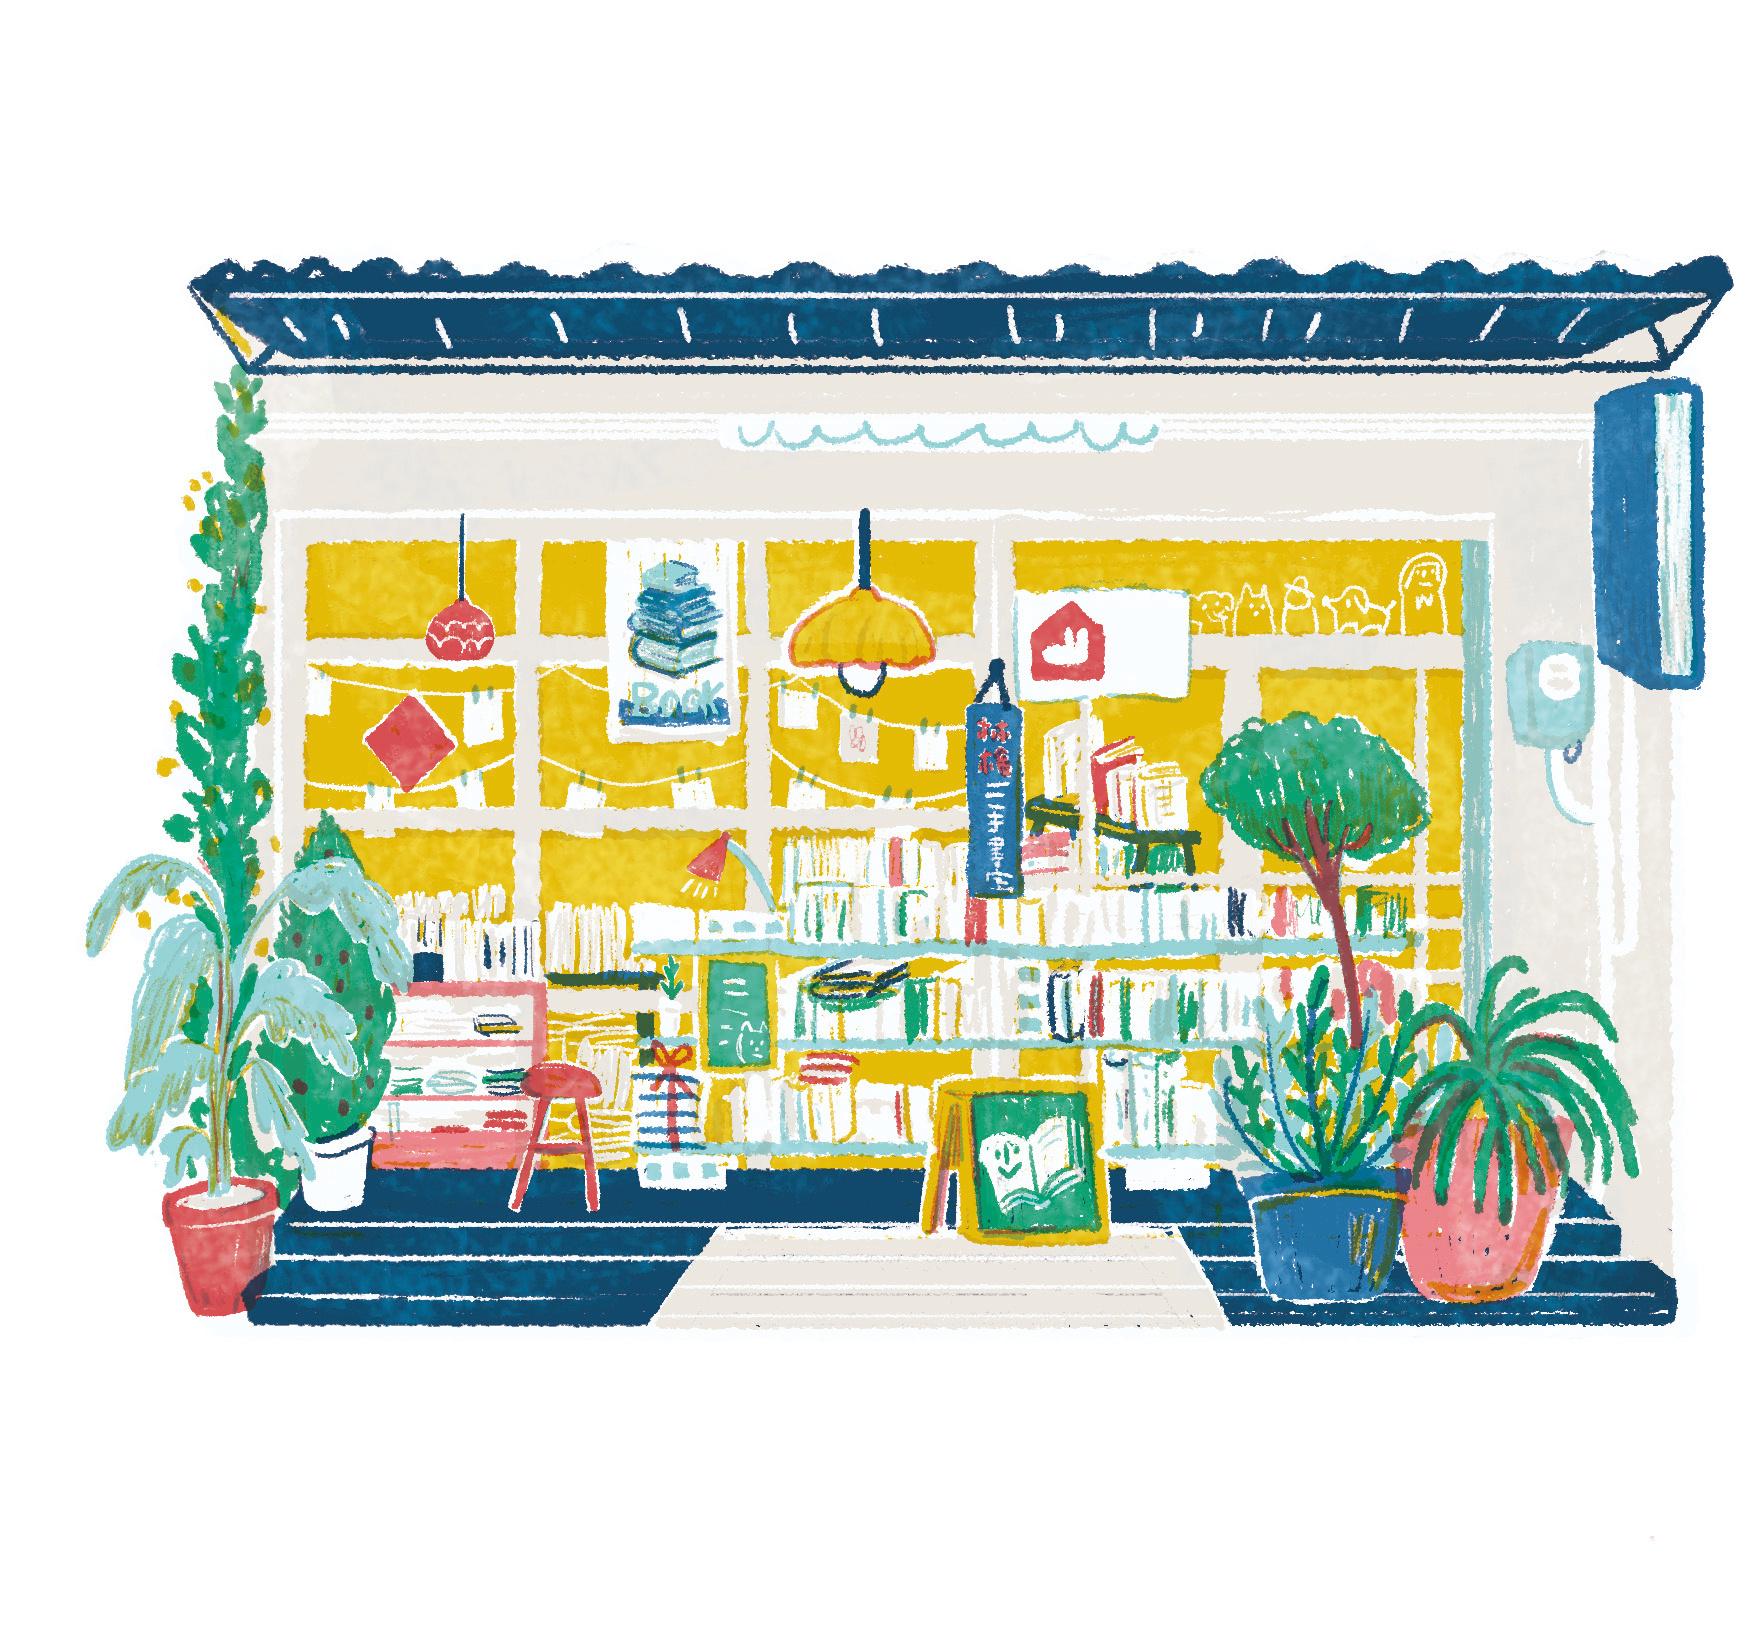 05林檎二手書店